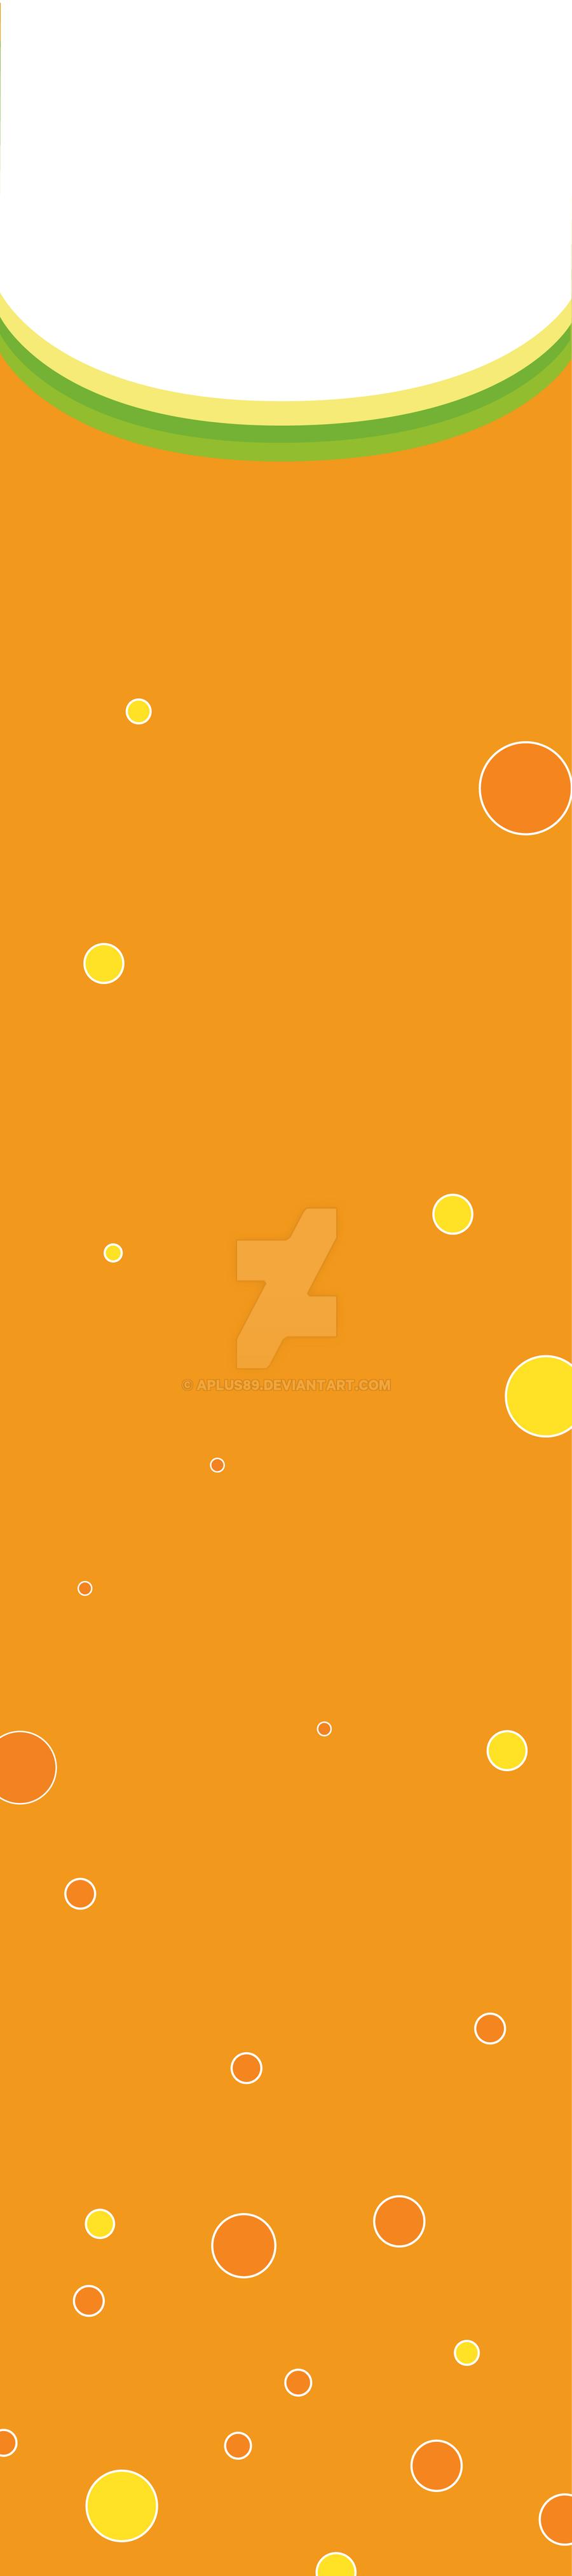 Vertical Banner Beverage (Orange) by aplus89 on DeviantArt